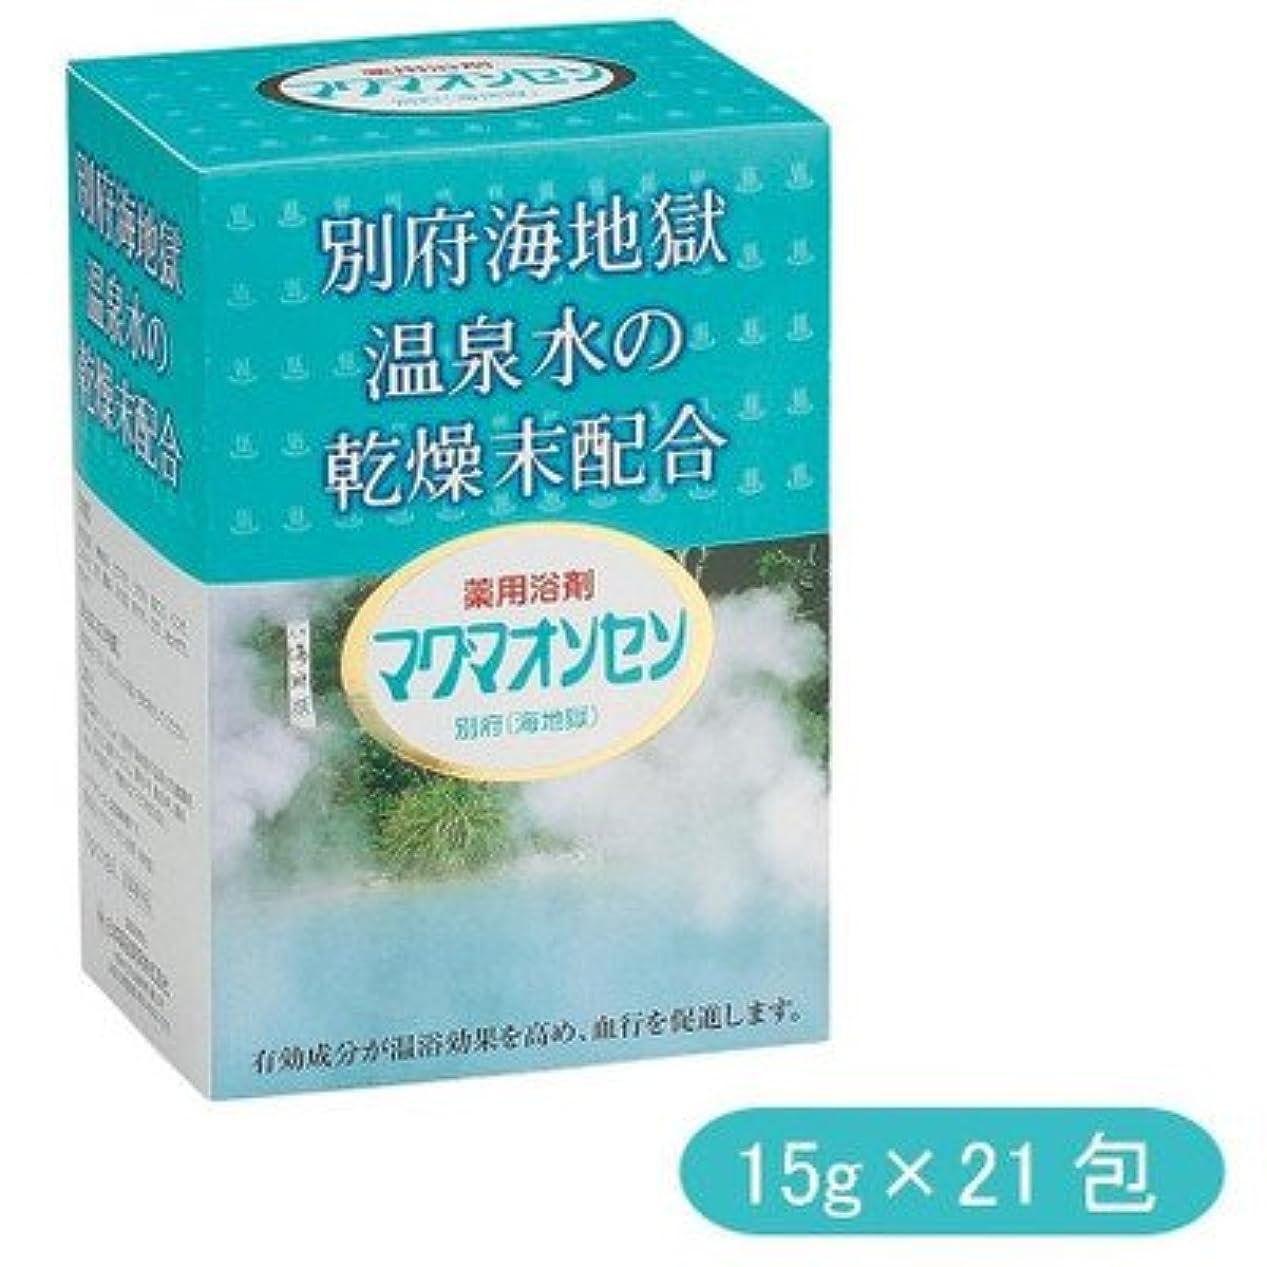 最後のカビシロナガスクジラ日本薬品開発 医薬部外品 薬用入浴剤 マグマオンセン 15g×21P 800770